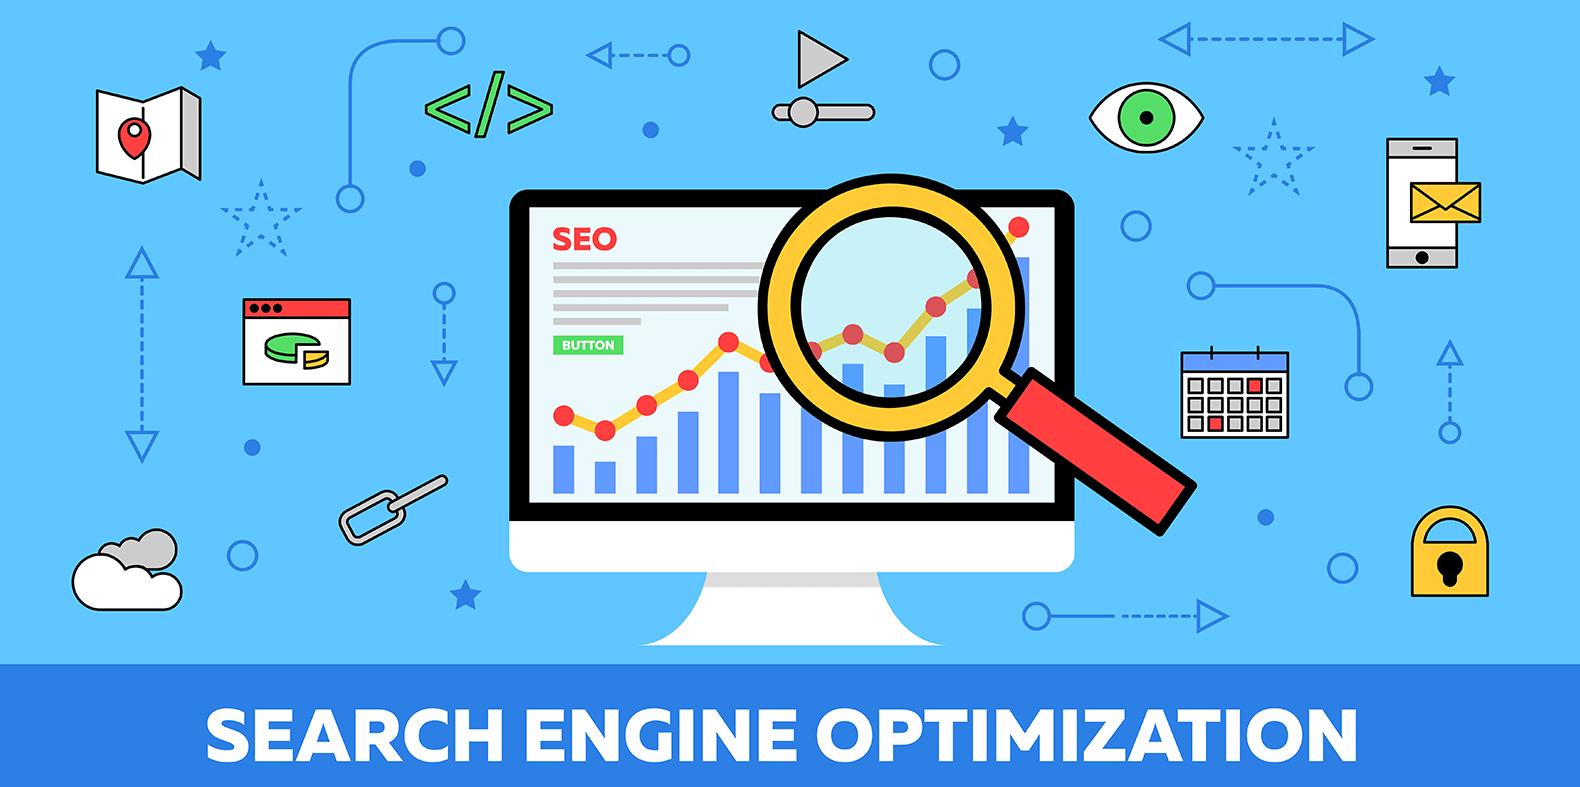 поисковая оптимизация (seo)